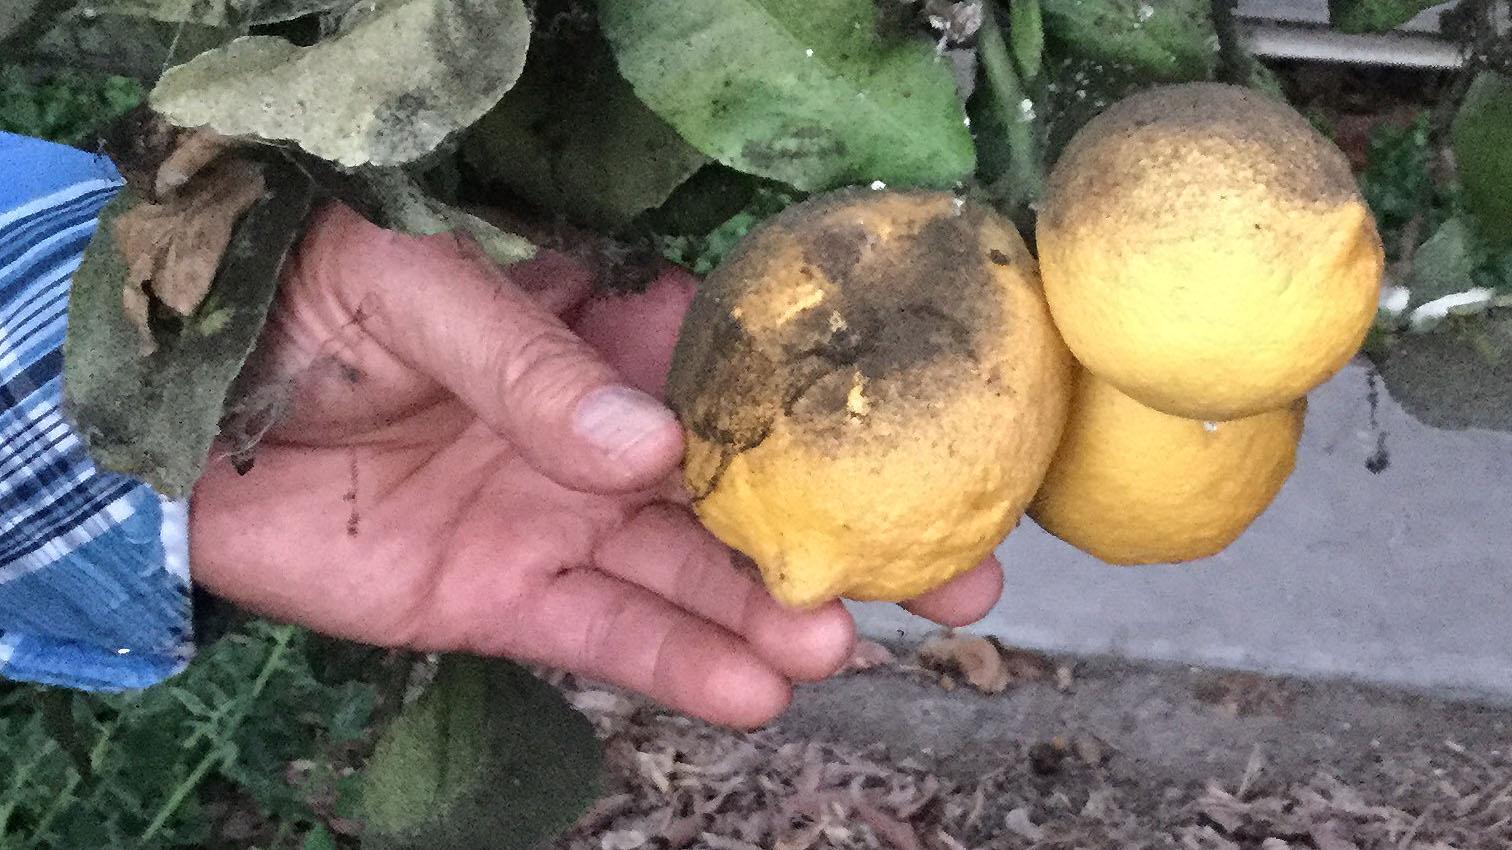 guillermo-cornejo-lemons-9-30-16.jpg